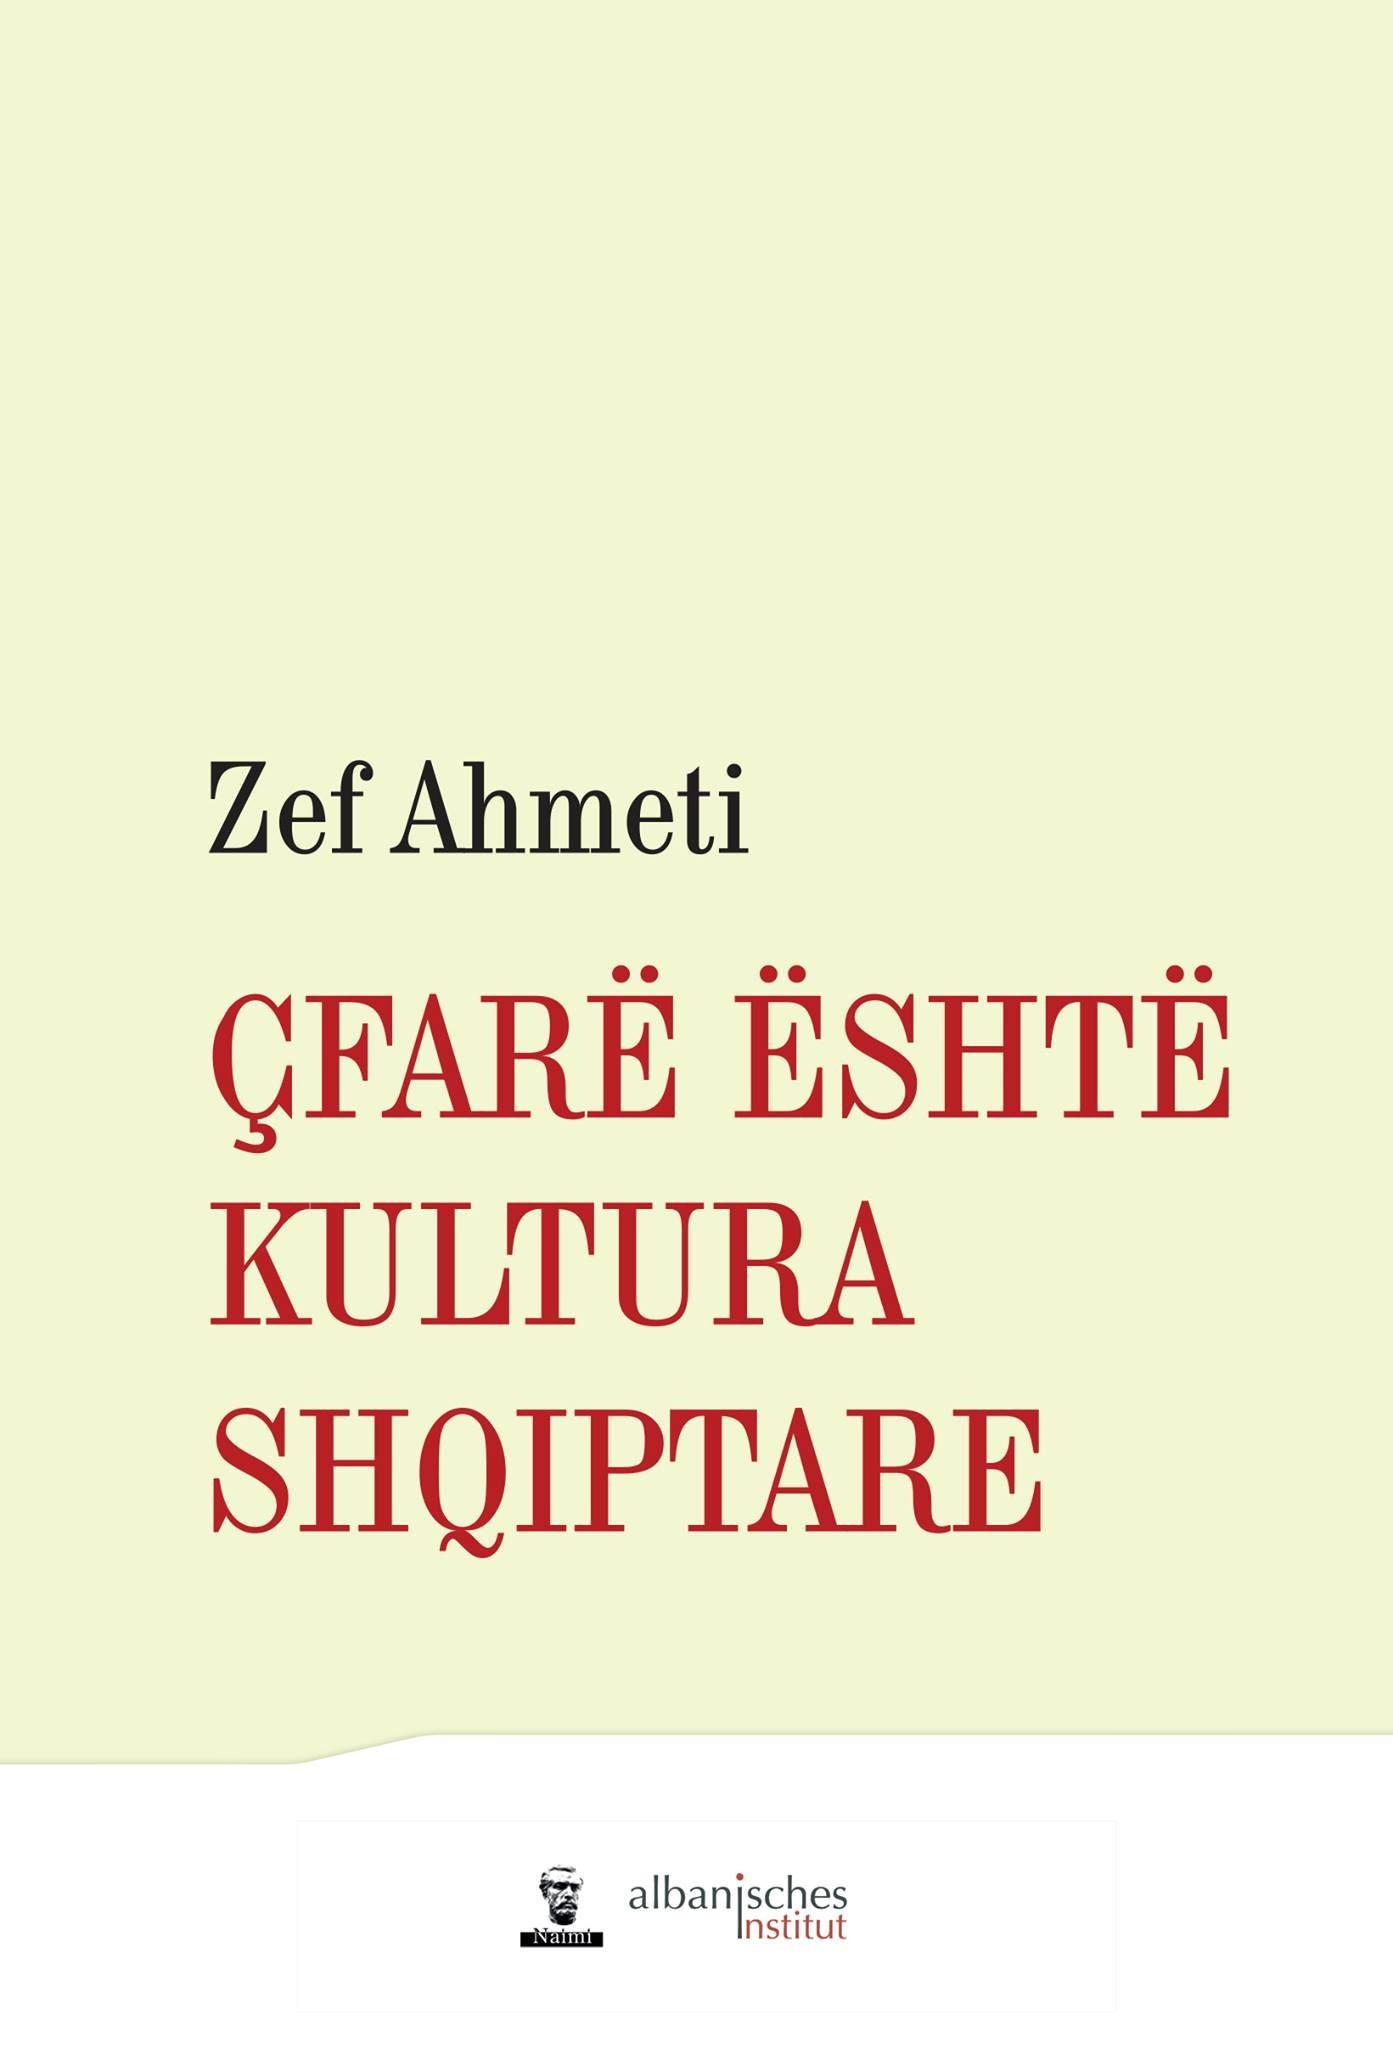 Cfare eshte kultura shqiptare